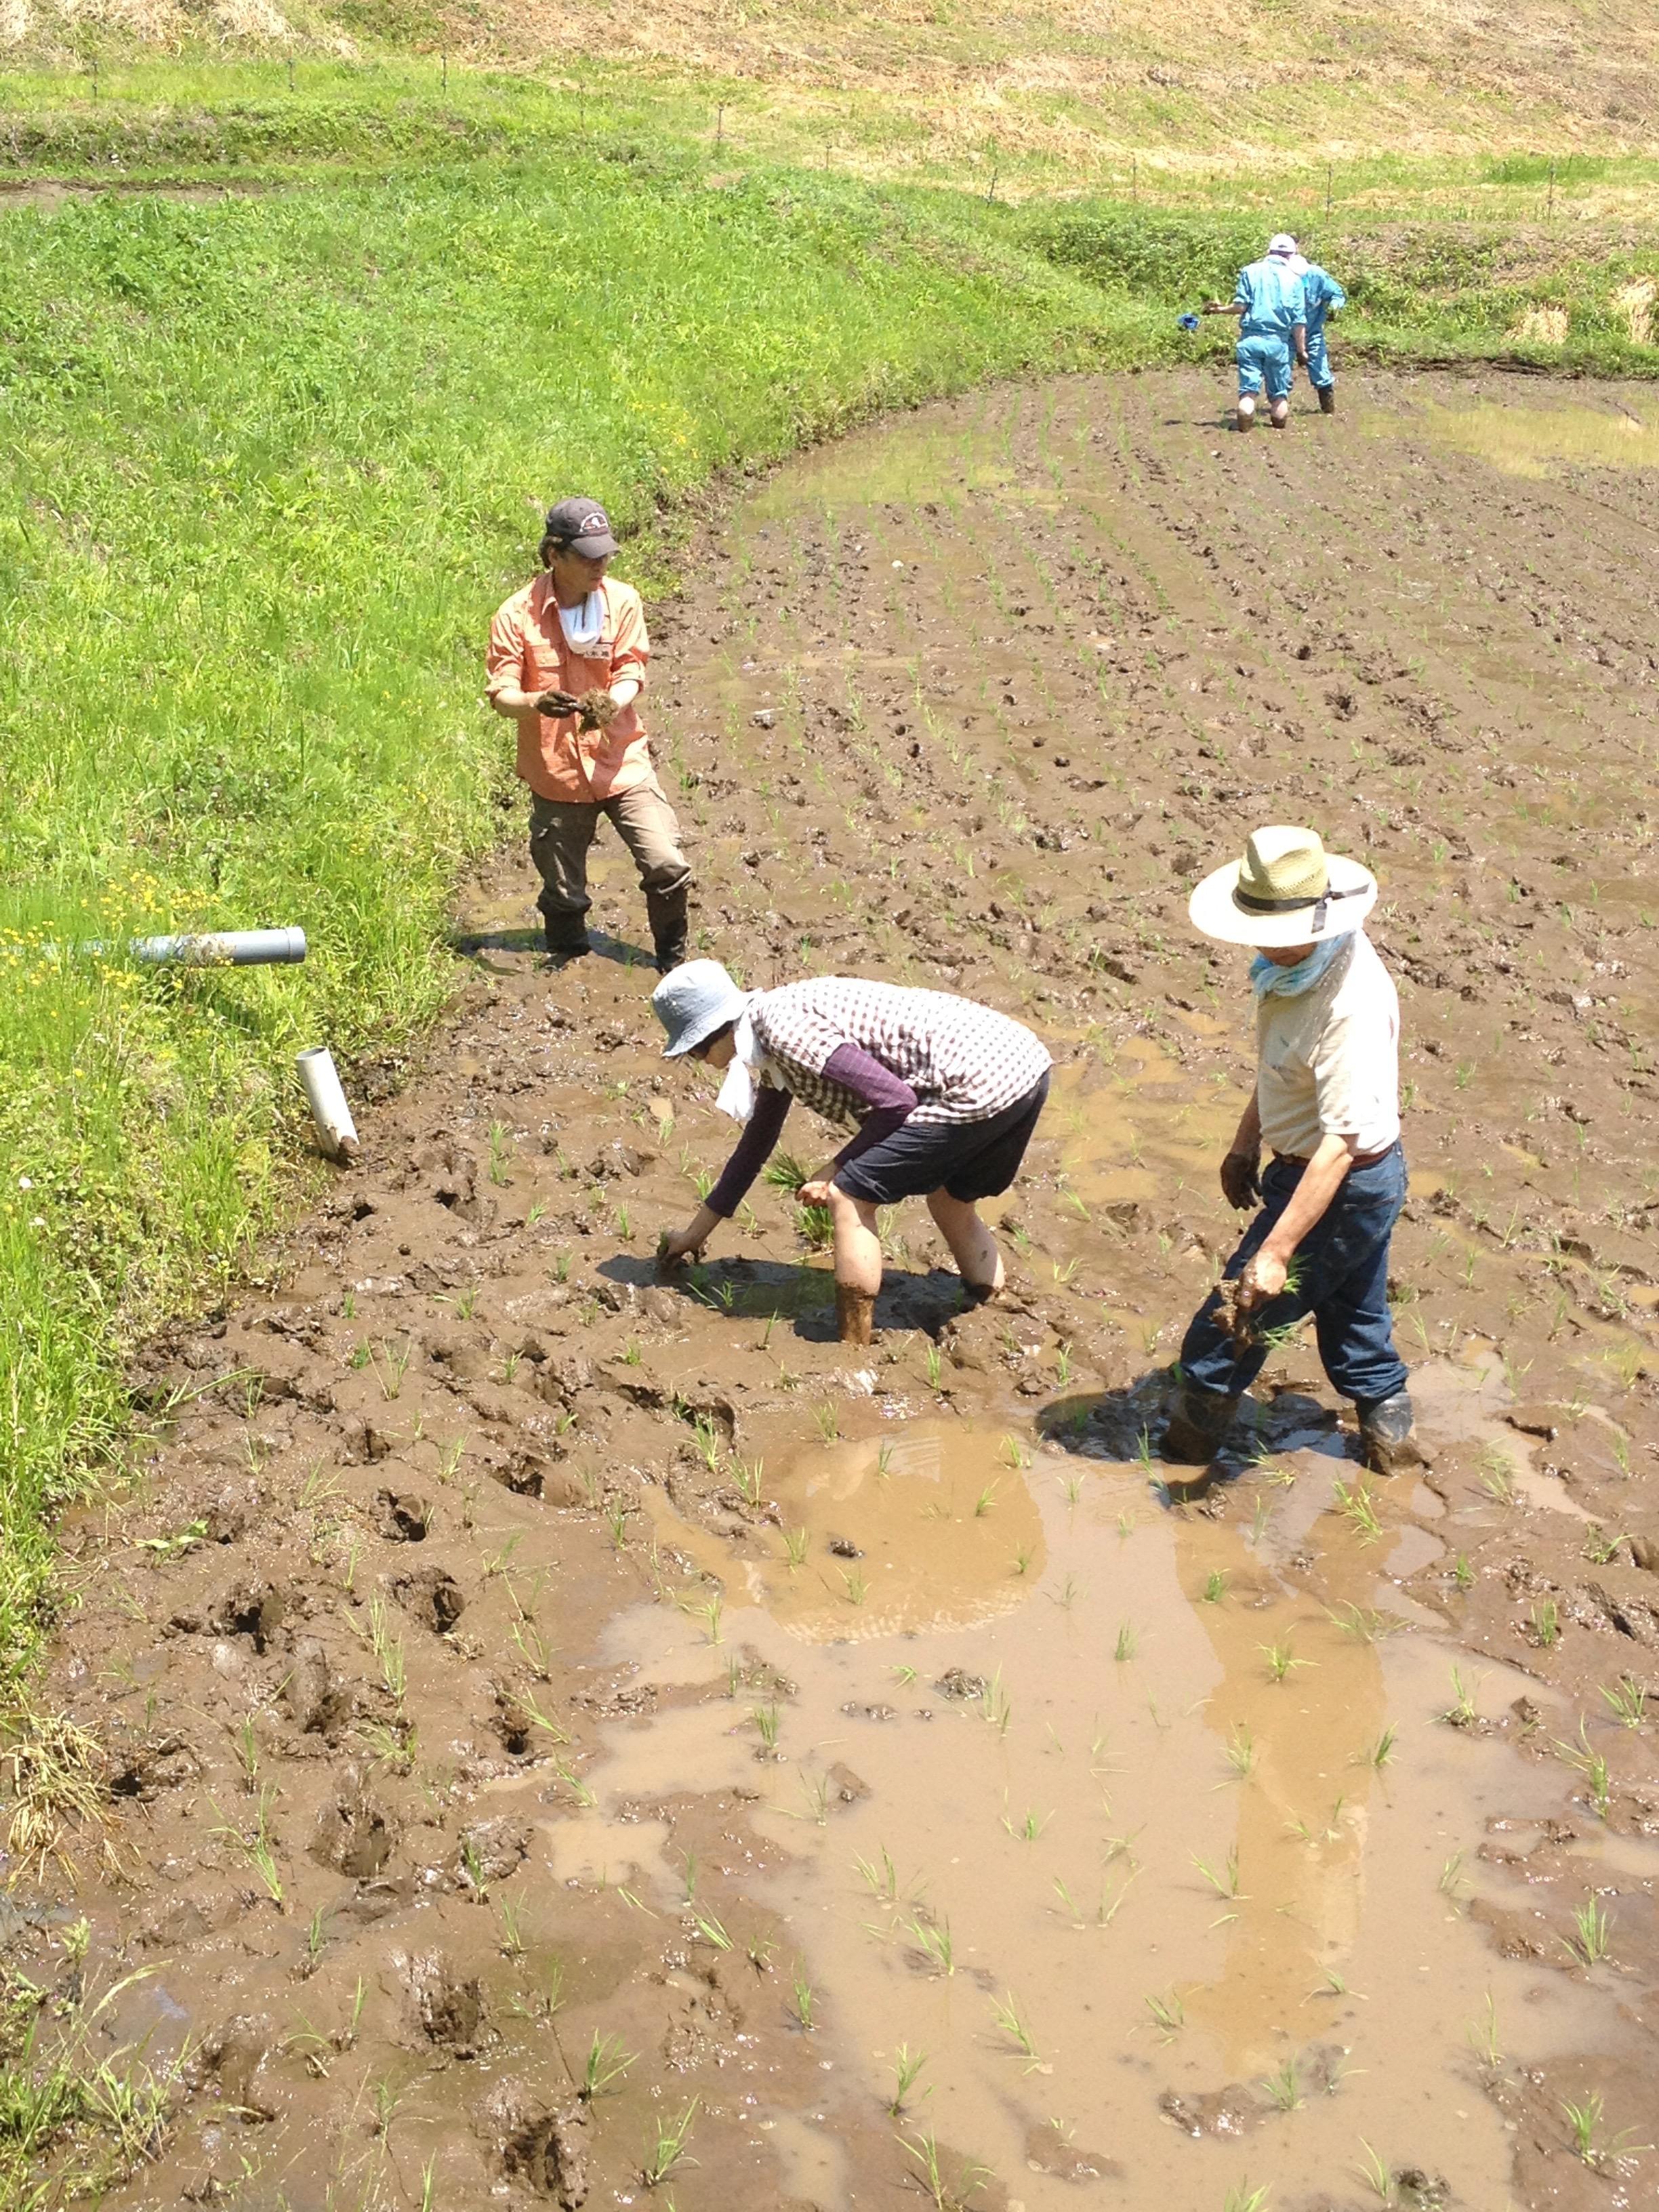 田植えする女性。泥に足をつけている